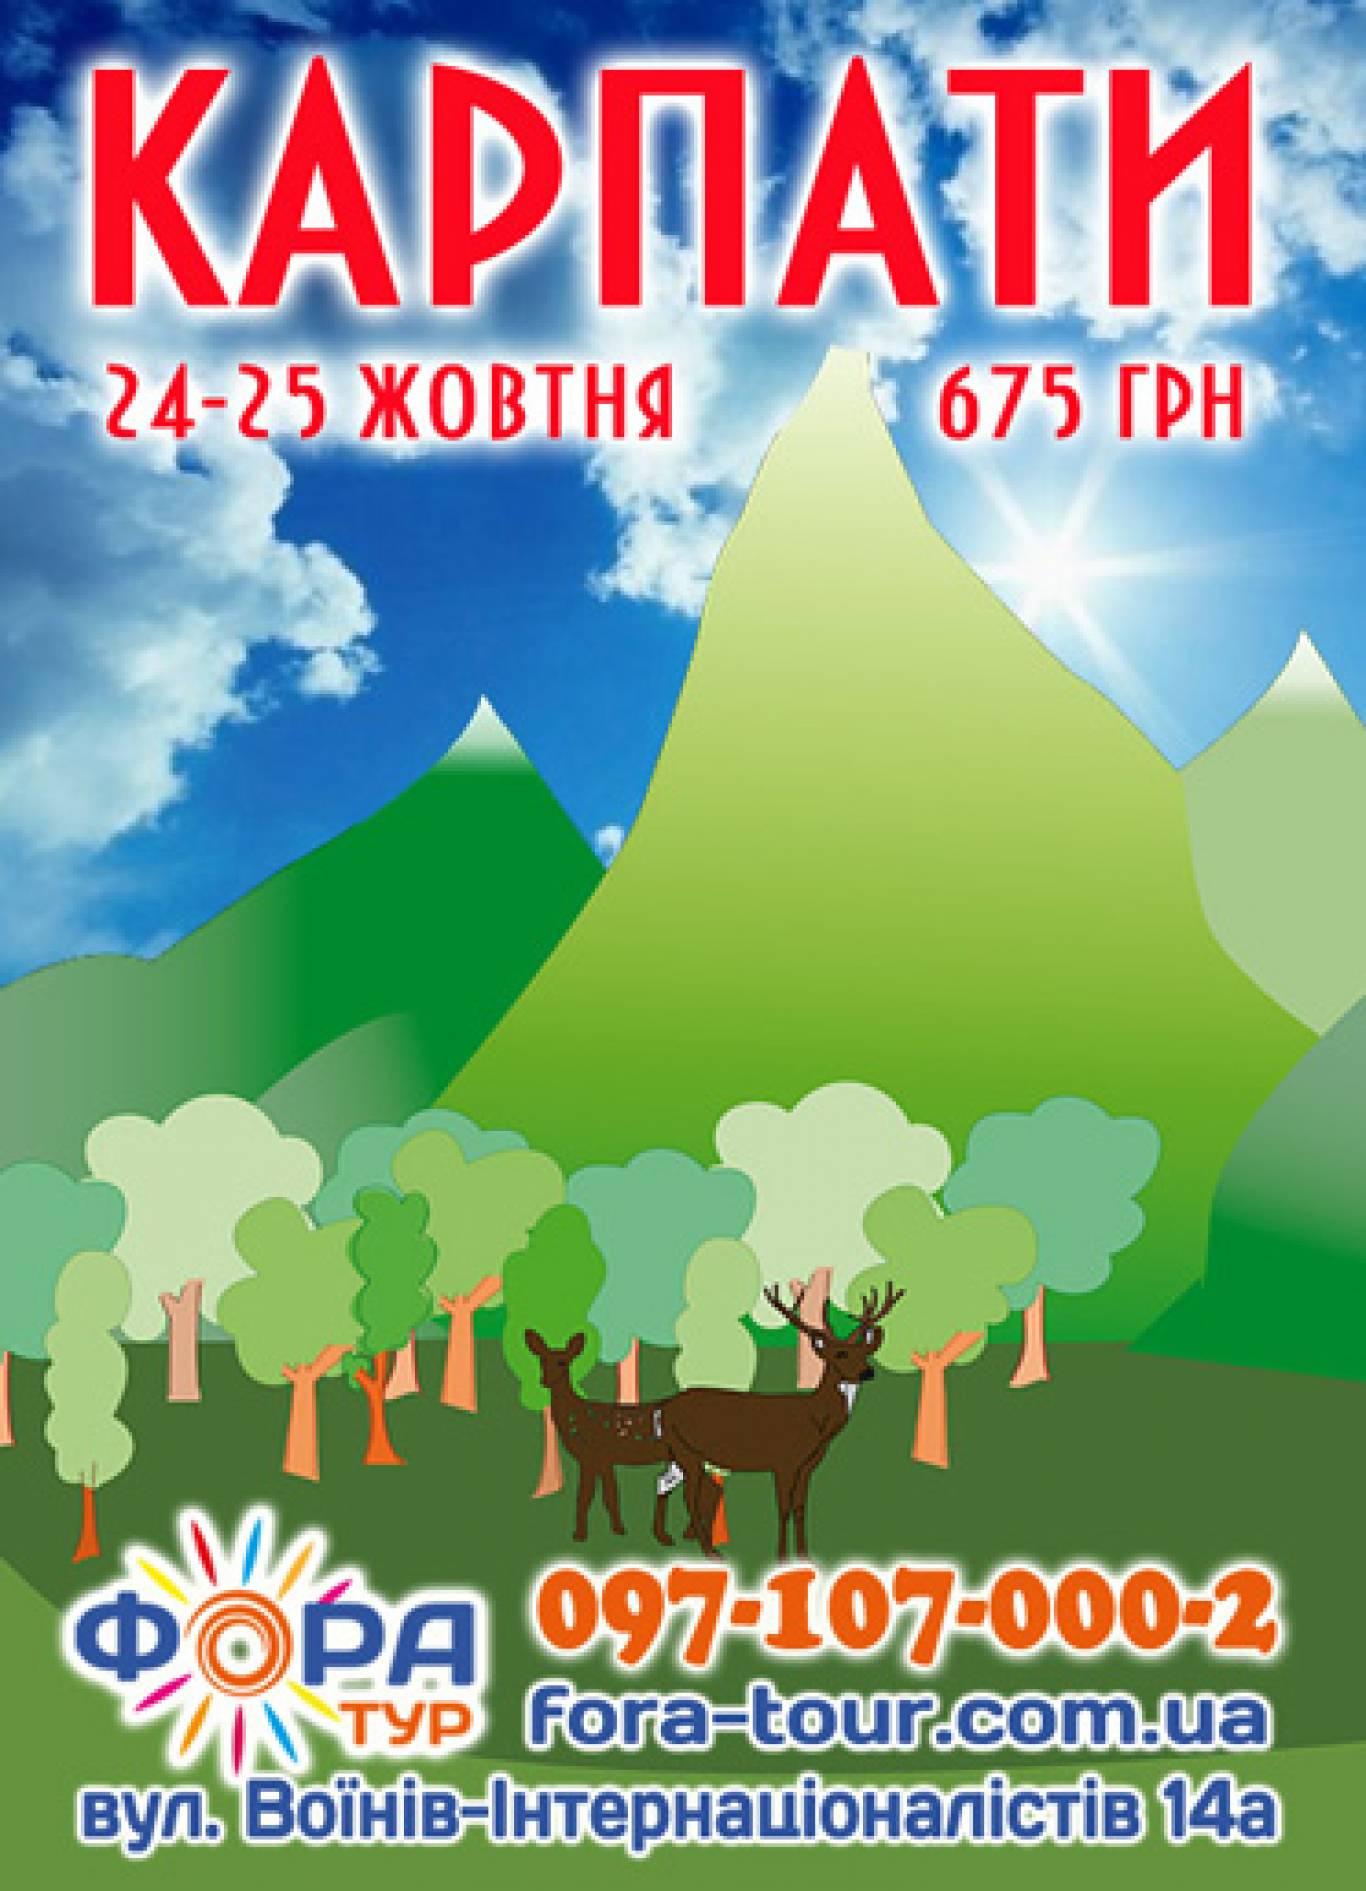 Поездка в Карпаты 24-25 октября